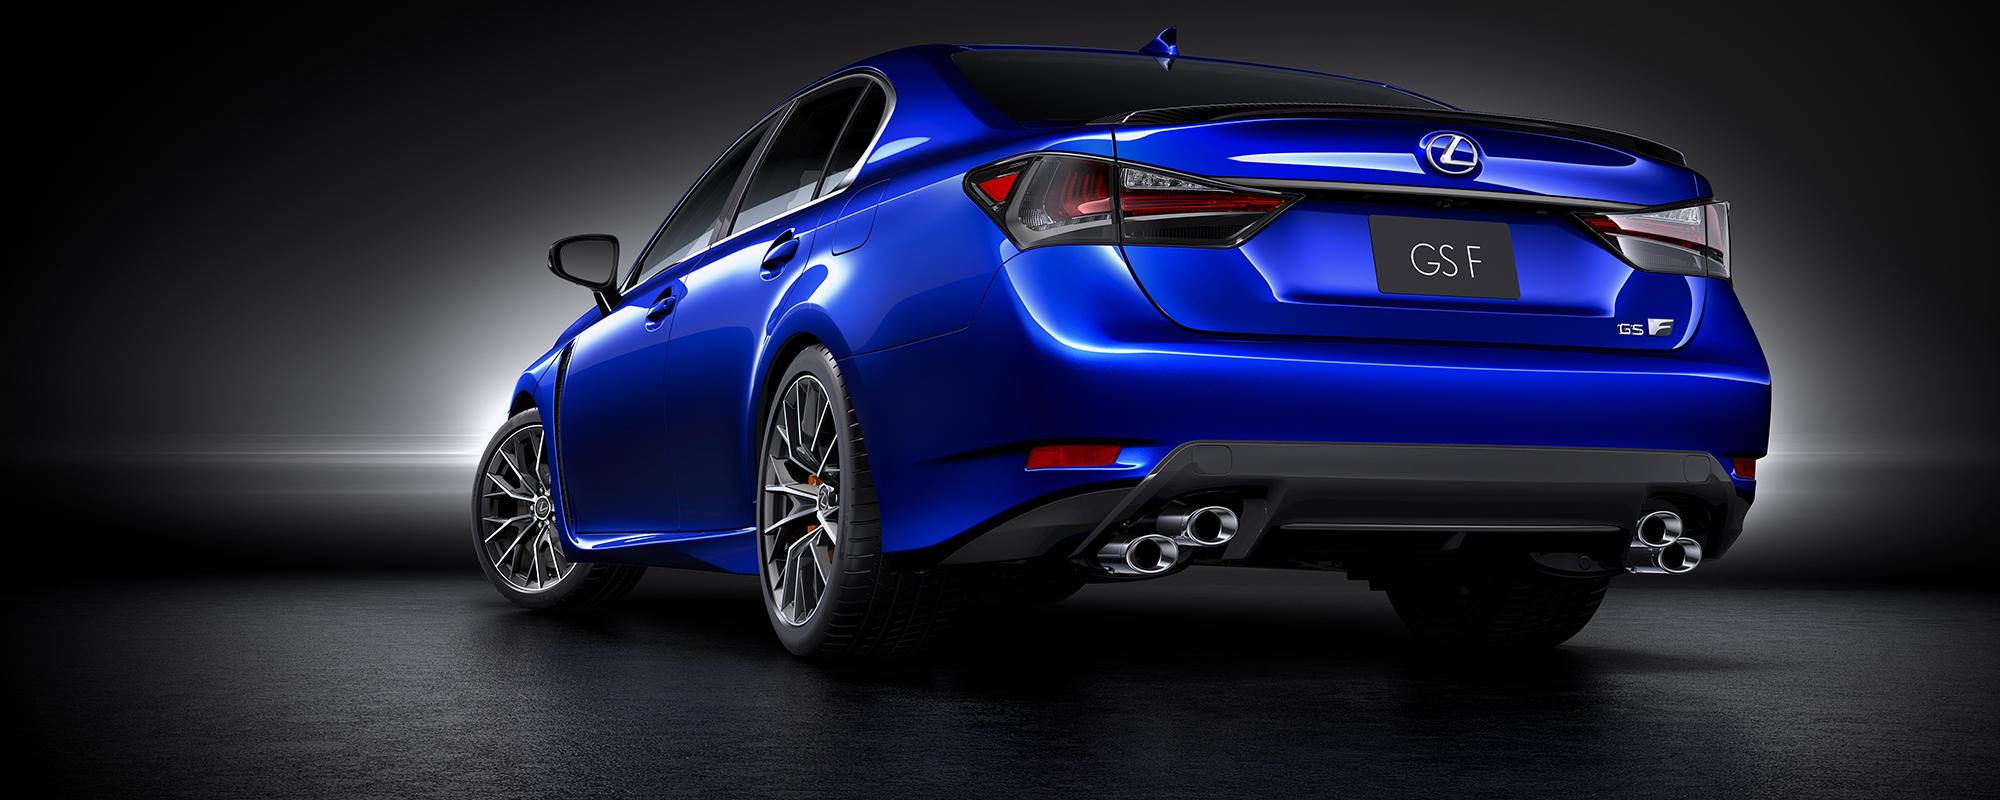 Lexus GS F: nóg een atmosferische high performance V8